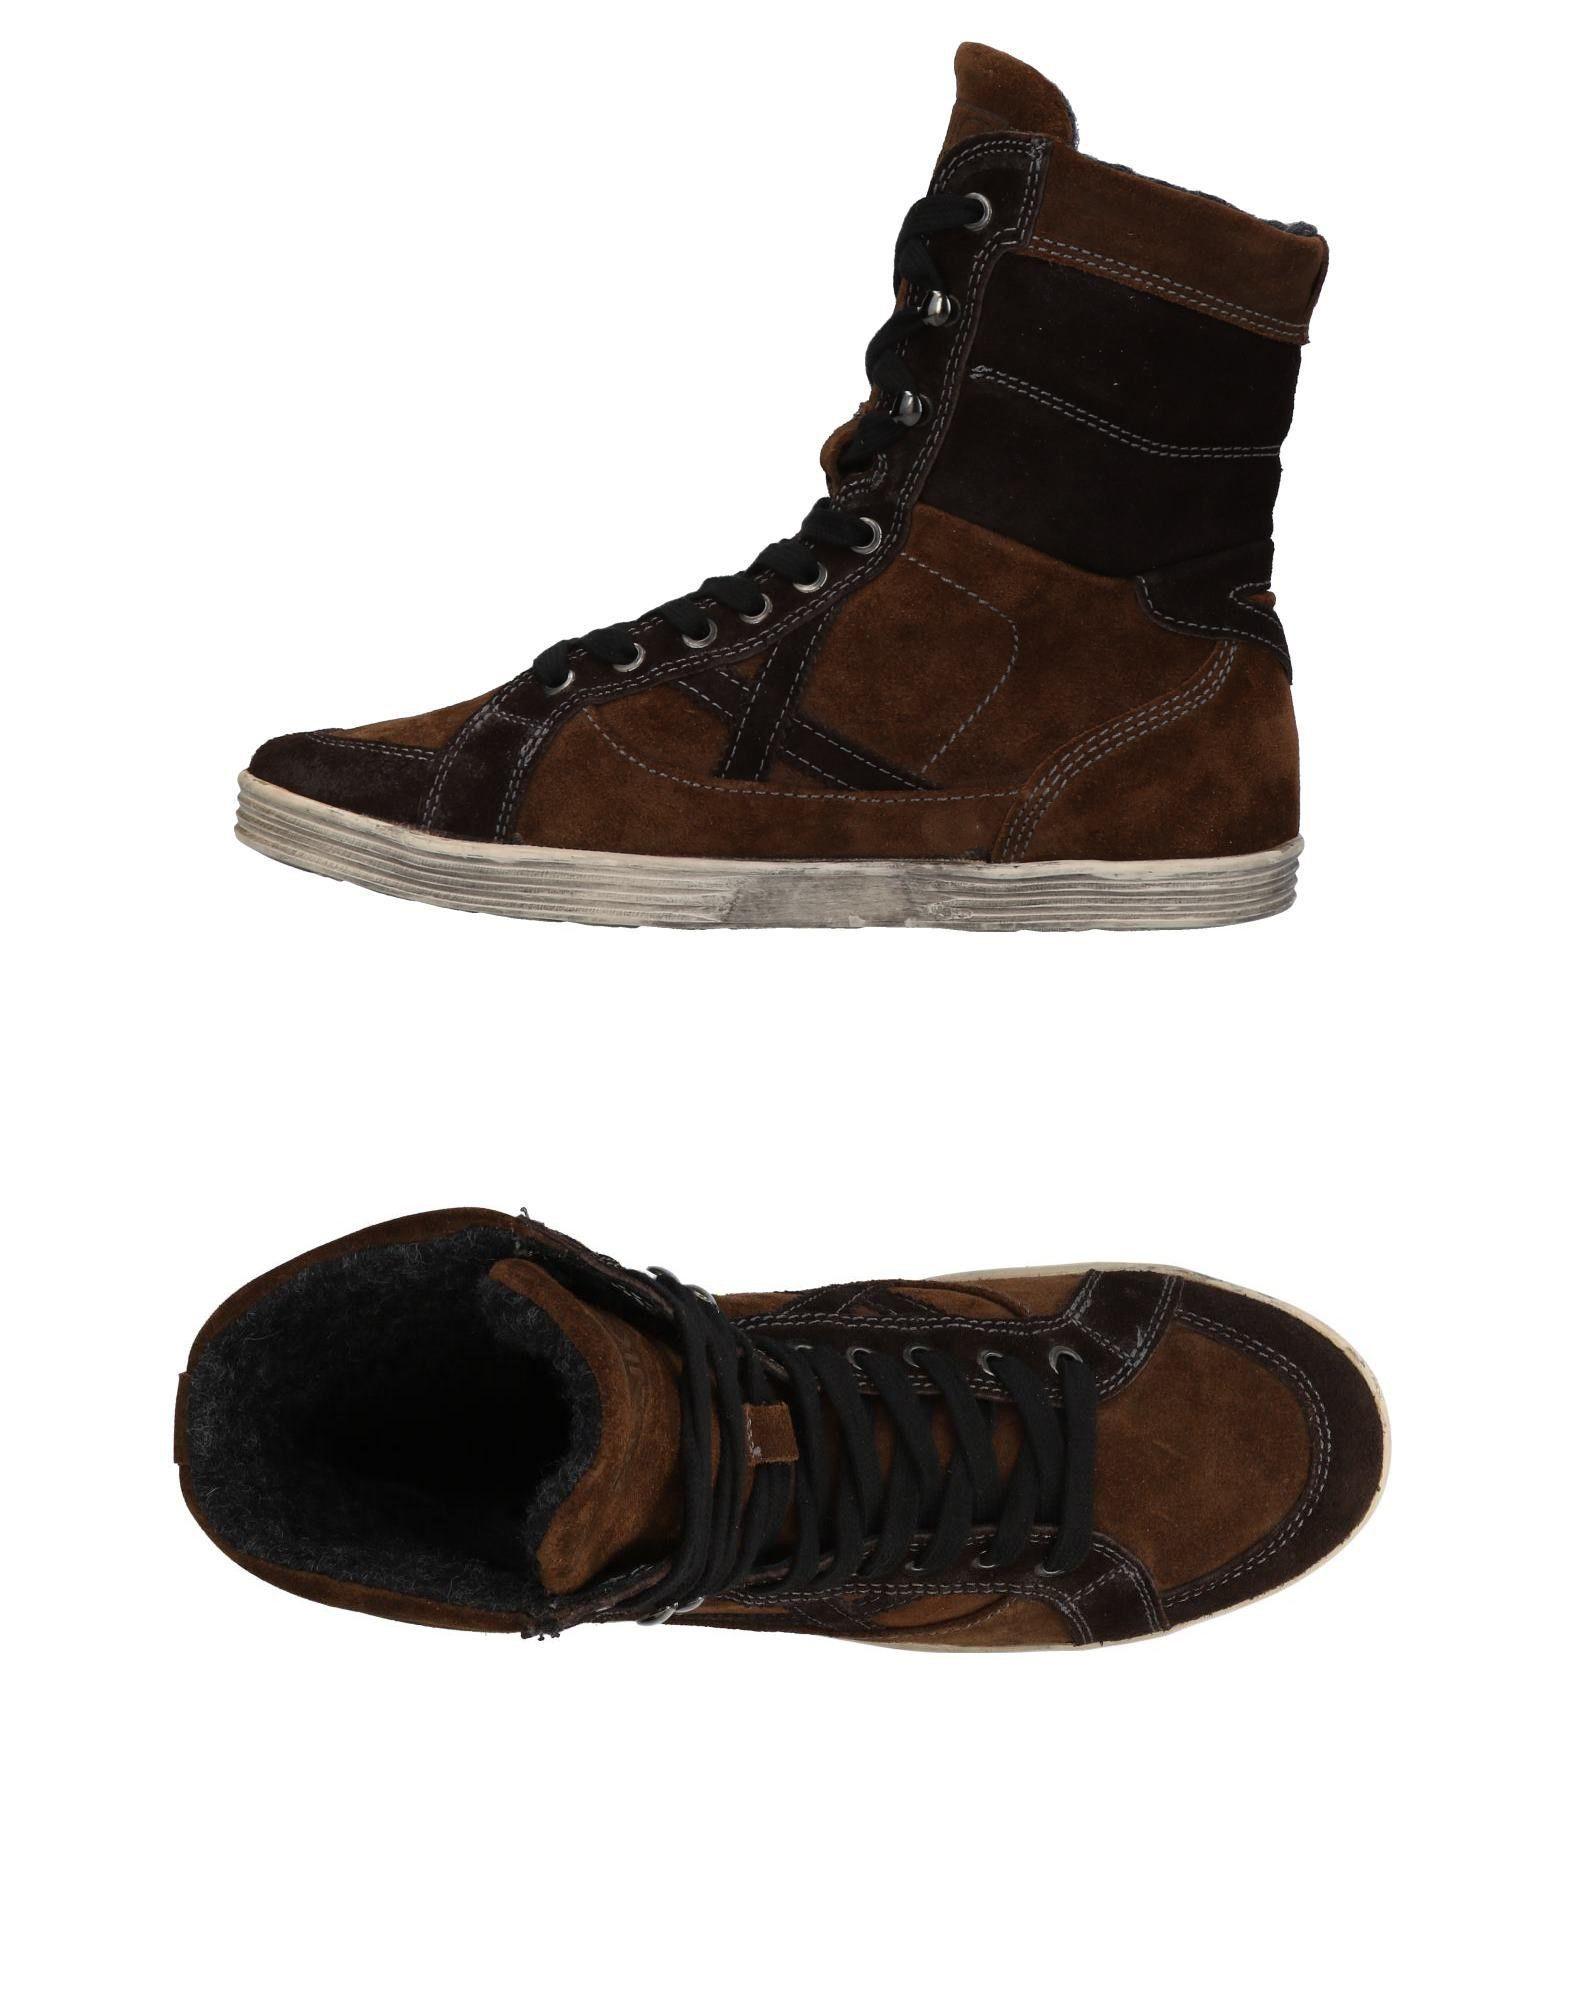 MUNICH Sneakers in Khaki